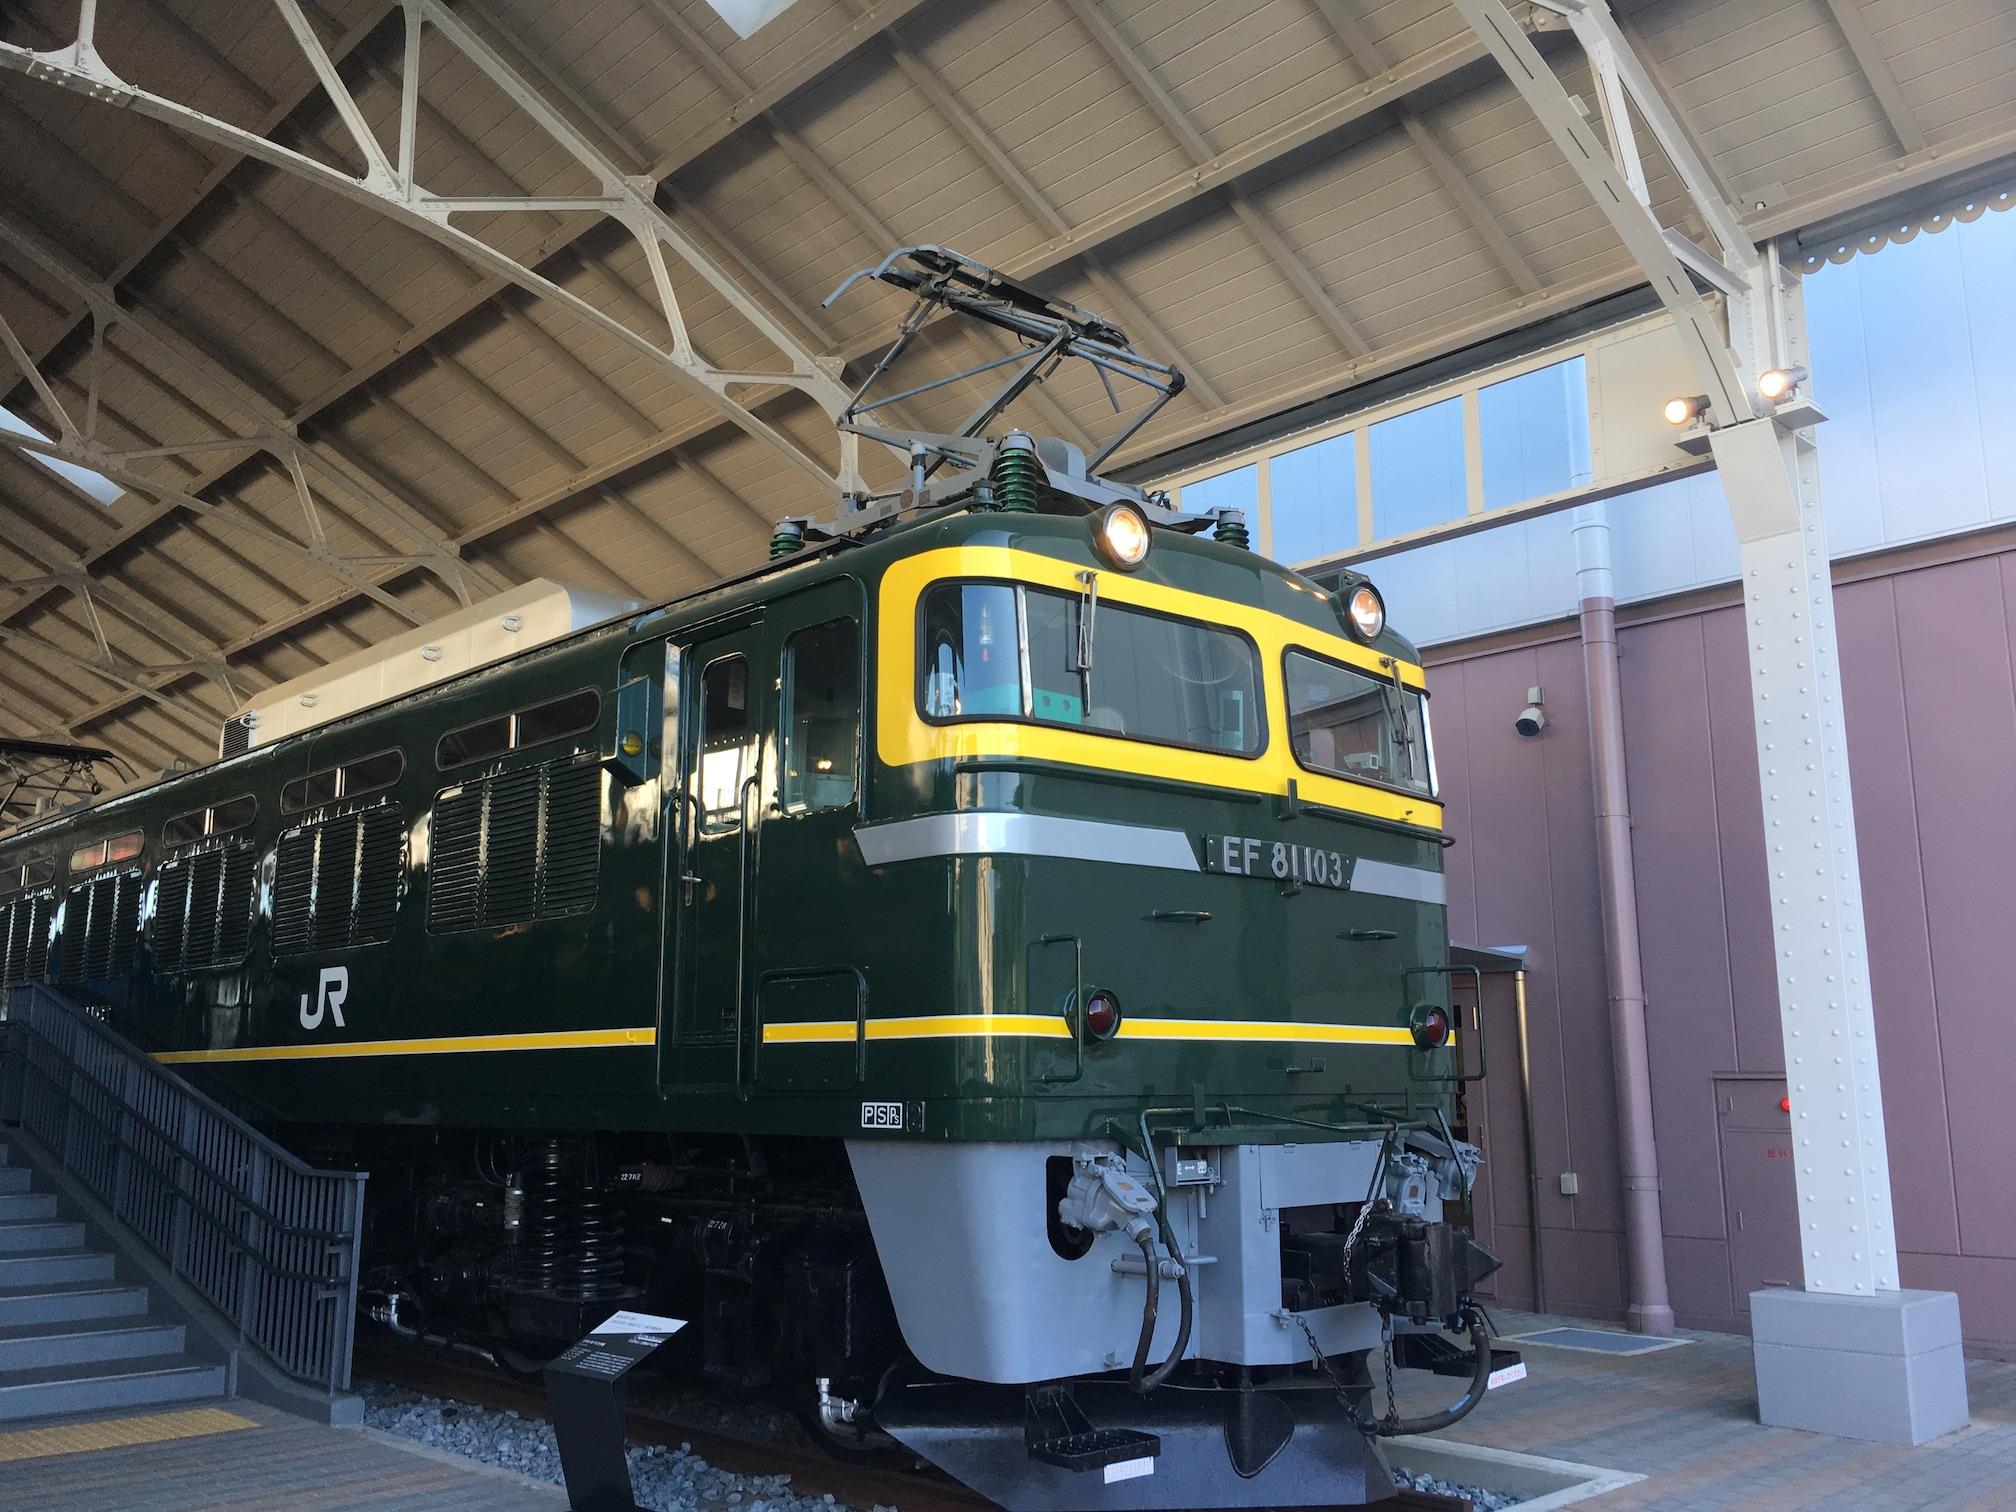 201806_京都鉄道博物館_トワイライトエクスプレス